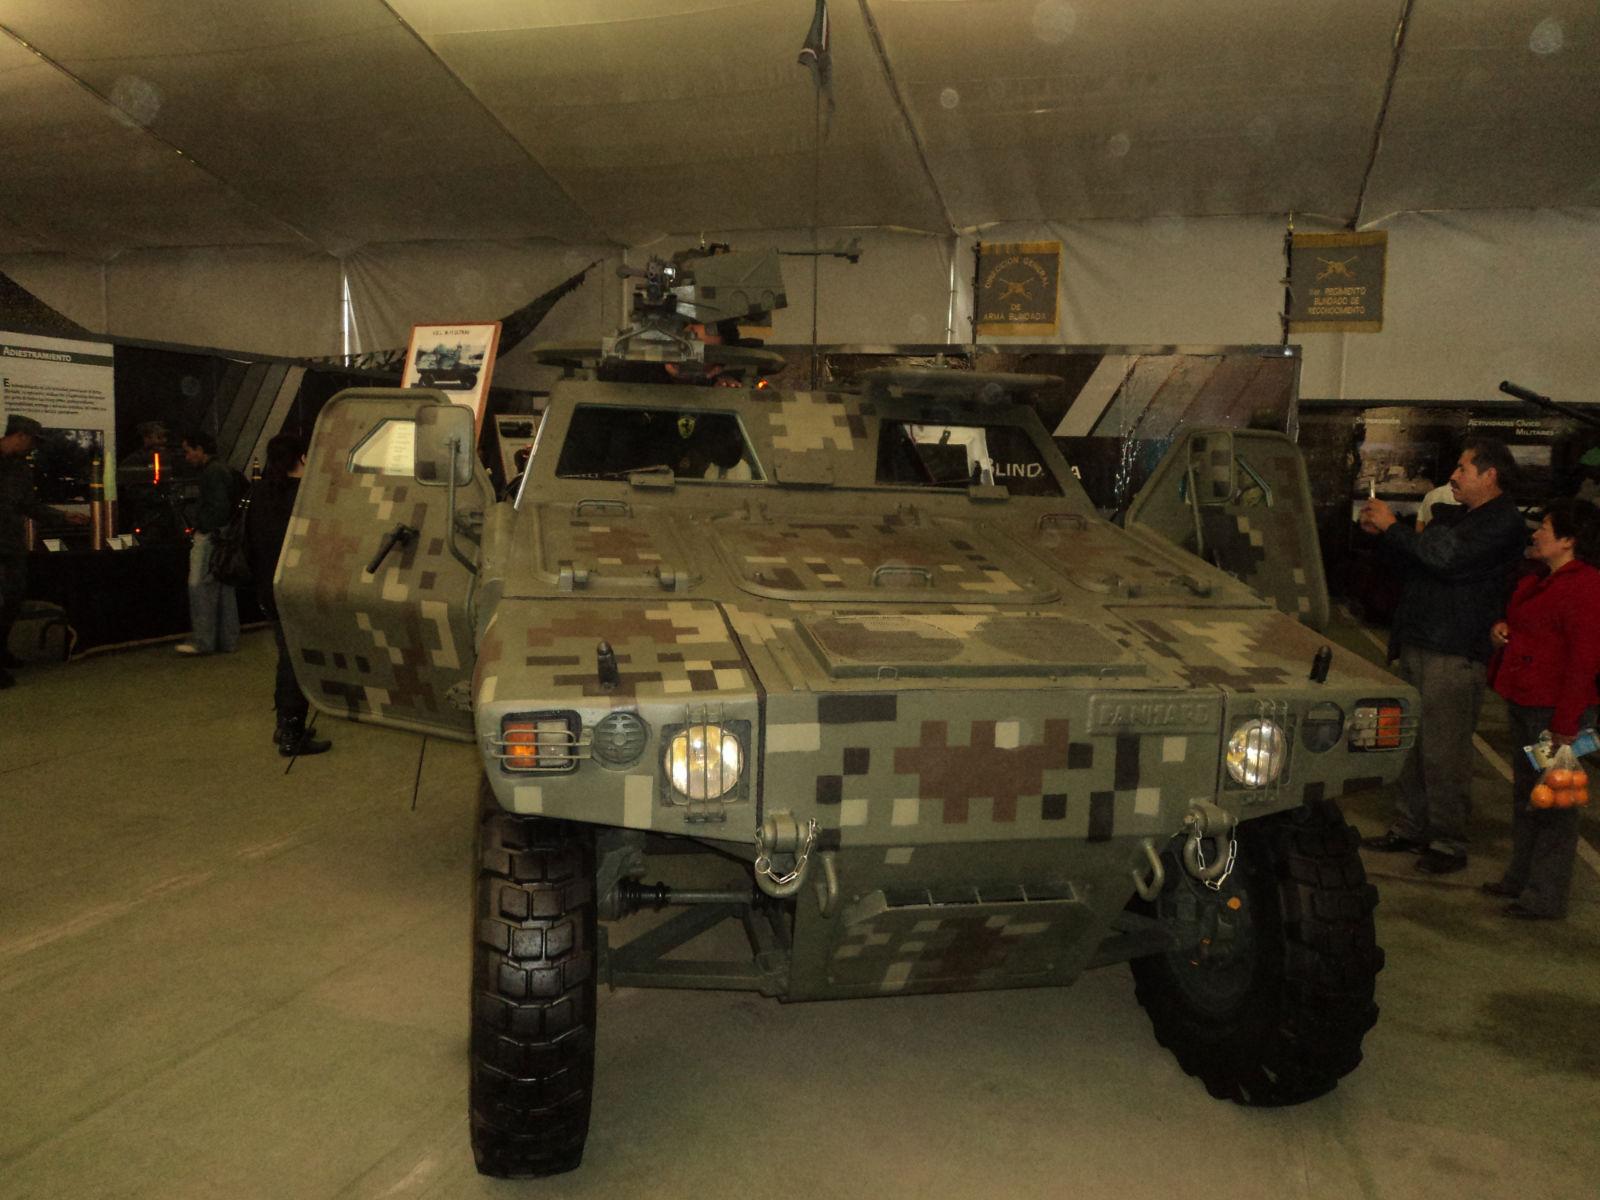 Exhibicion itinerante del Ejercito y Fuerza Aerea; La Gran Fuerza de México PROXIMA SEDE: JALISCO - Página 2 DSC01335